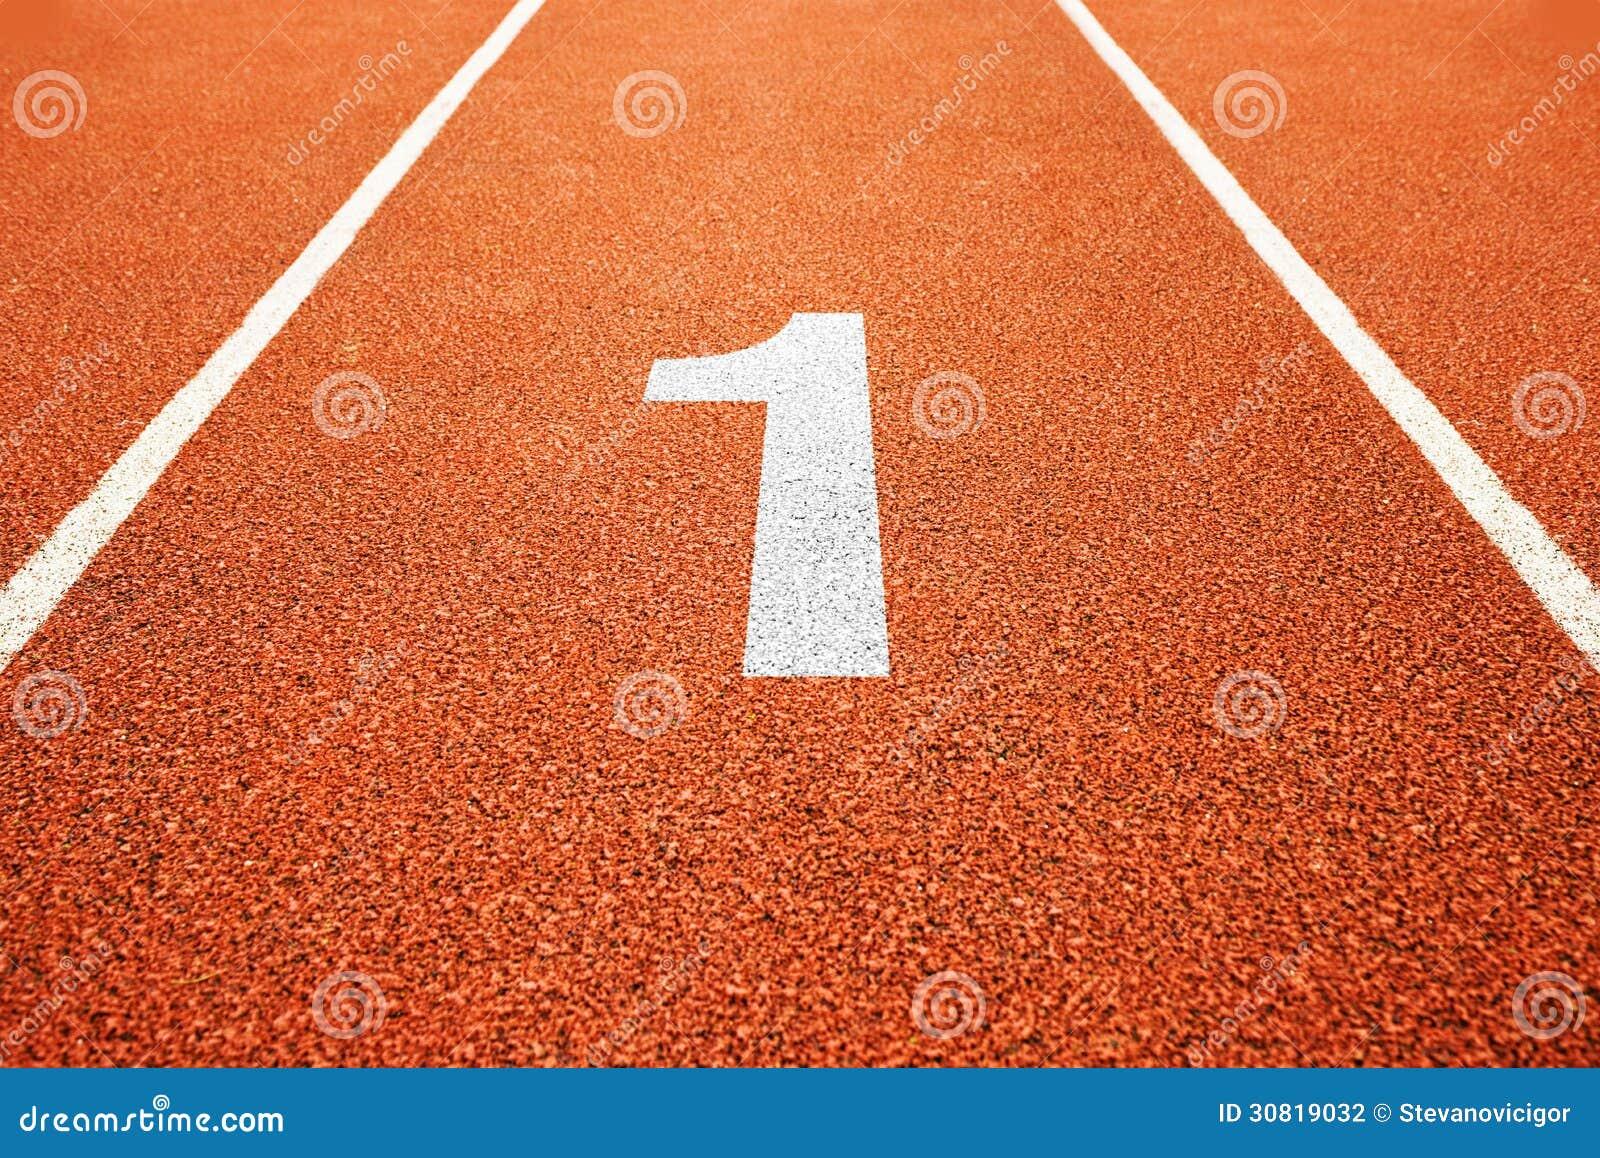 Número um na pista de atletismo